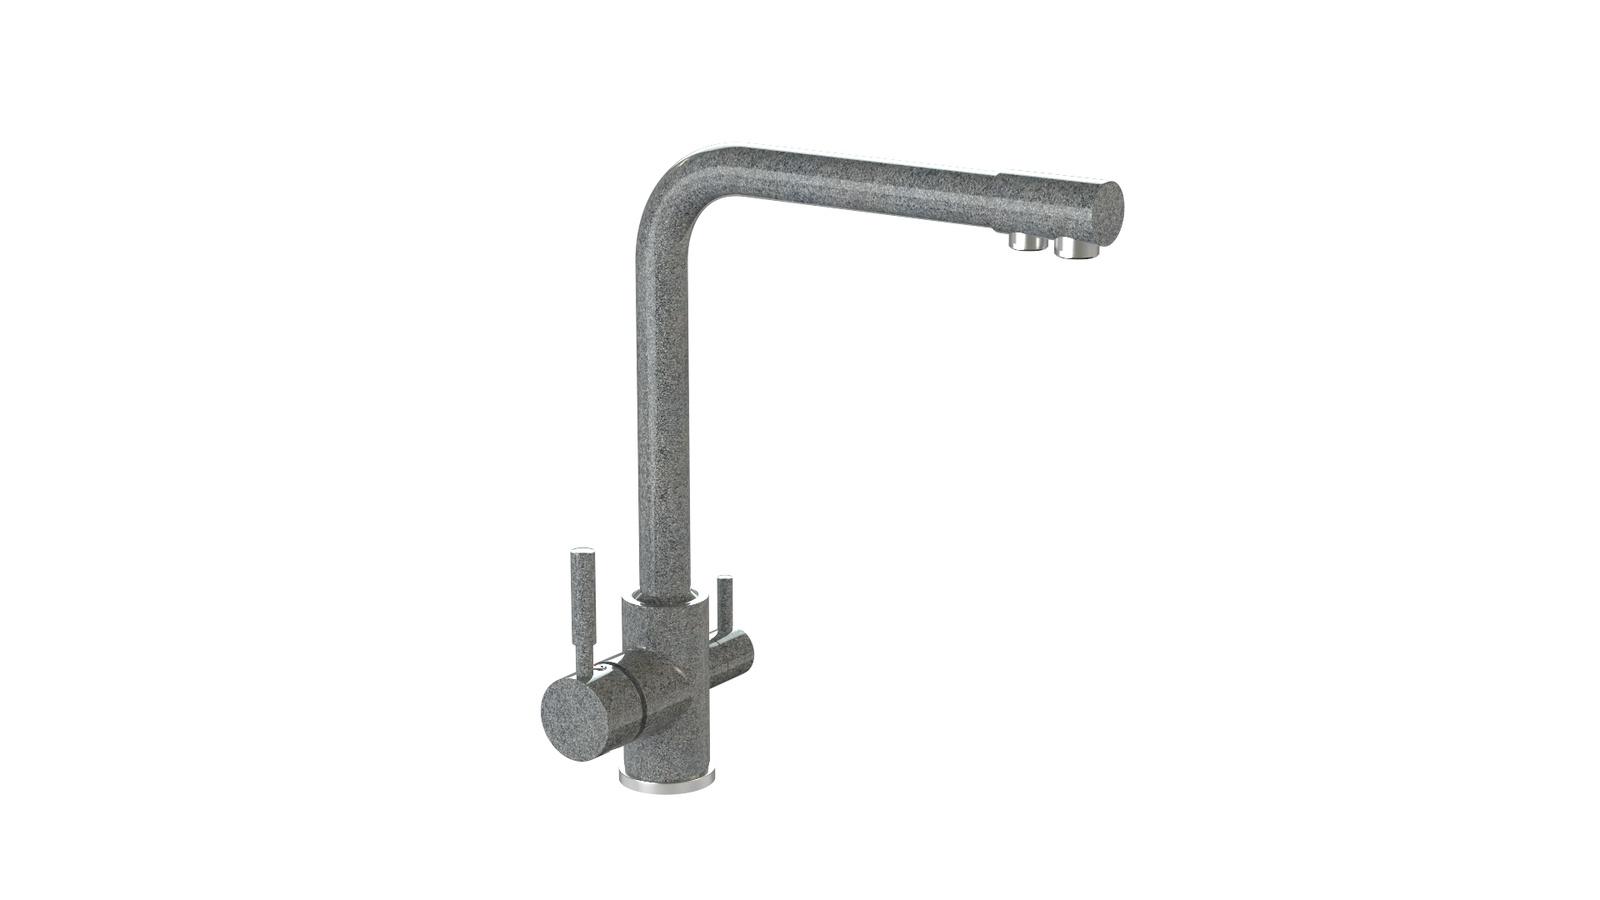 Смеситель для кухни глянцевый MARRBAXX MG-006Q008 темно-серый смеситель для кухни mofem metal резина 142 0005 00